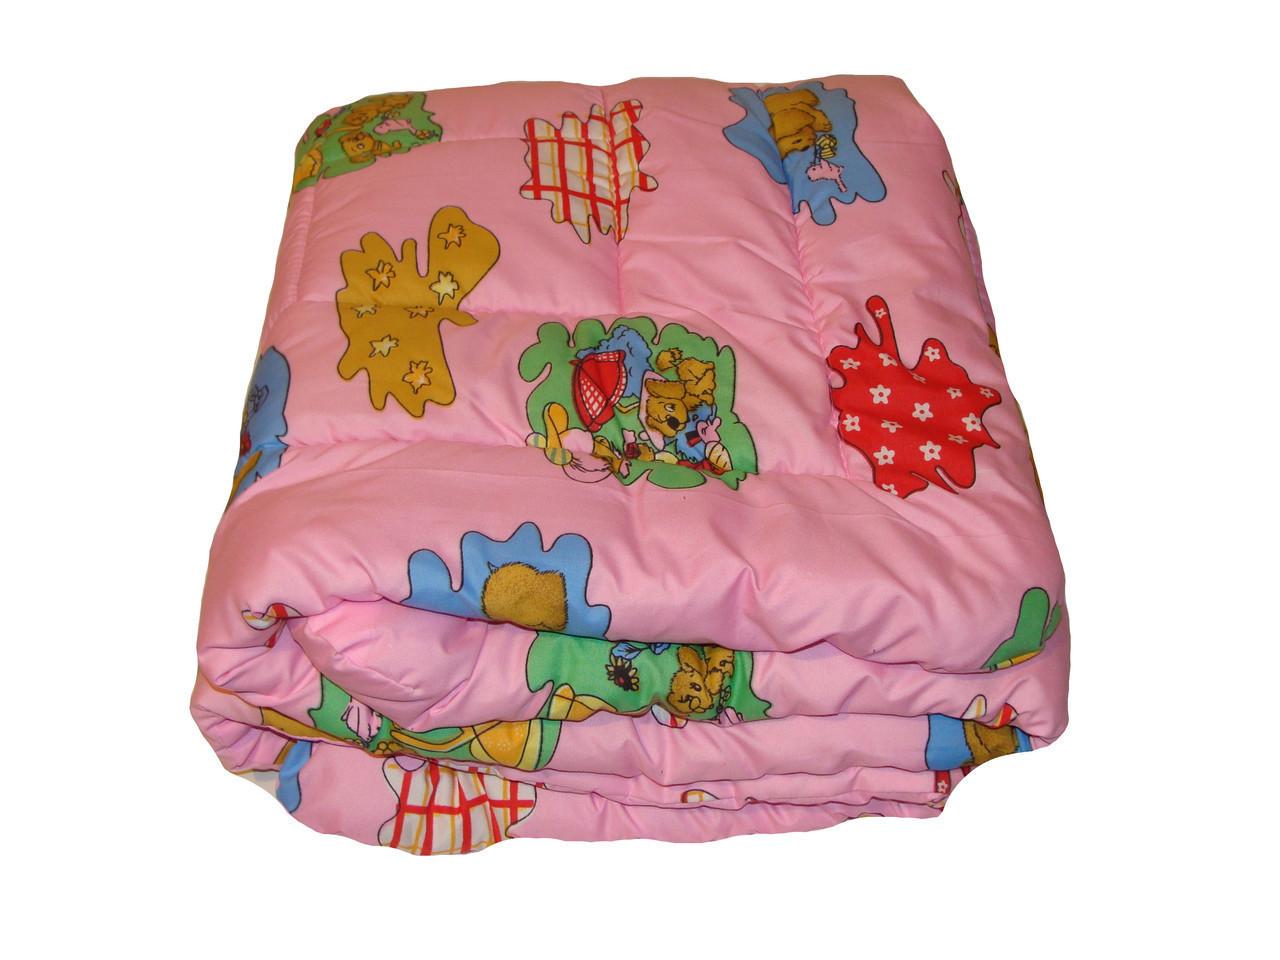 Детское одеяло закрытое овечья шерсть (Поликоттон) 110x140 #1037 - фото 2